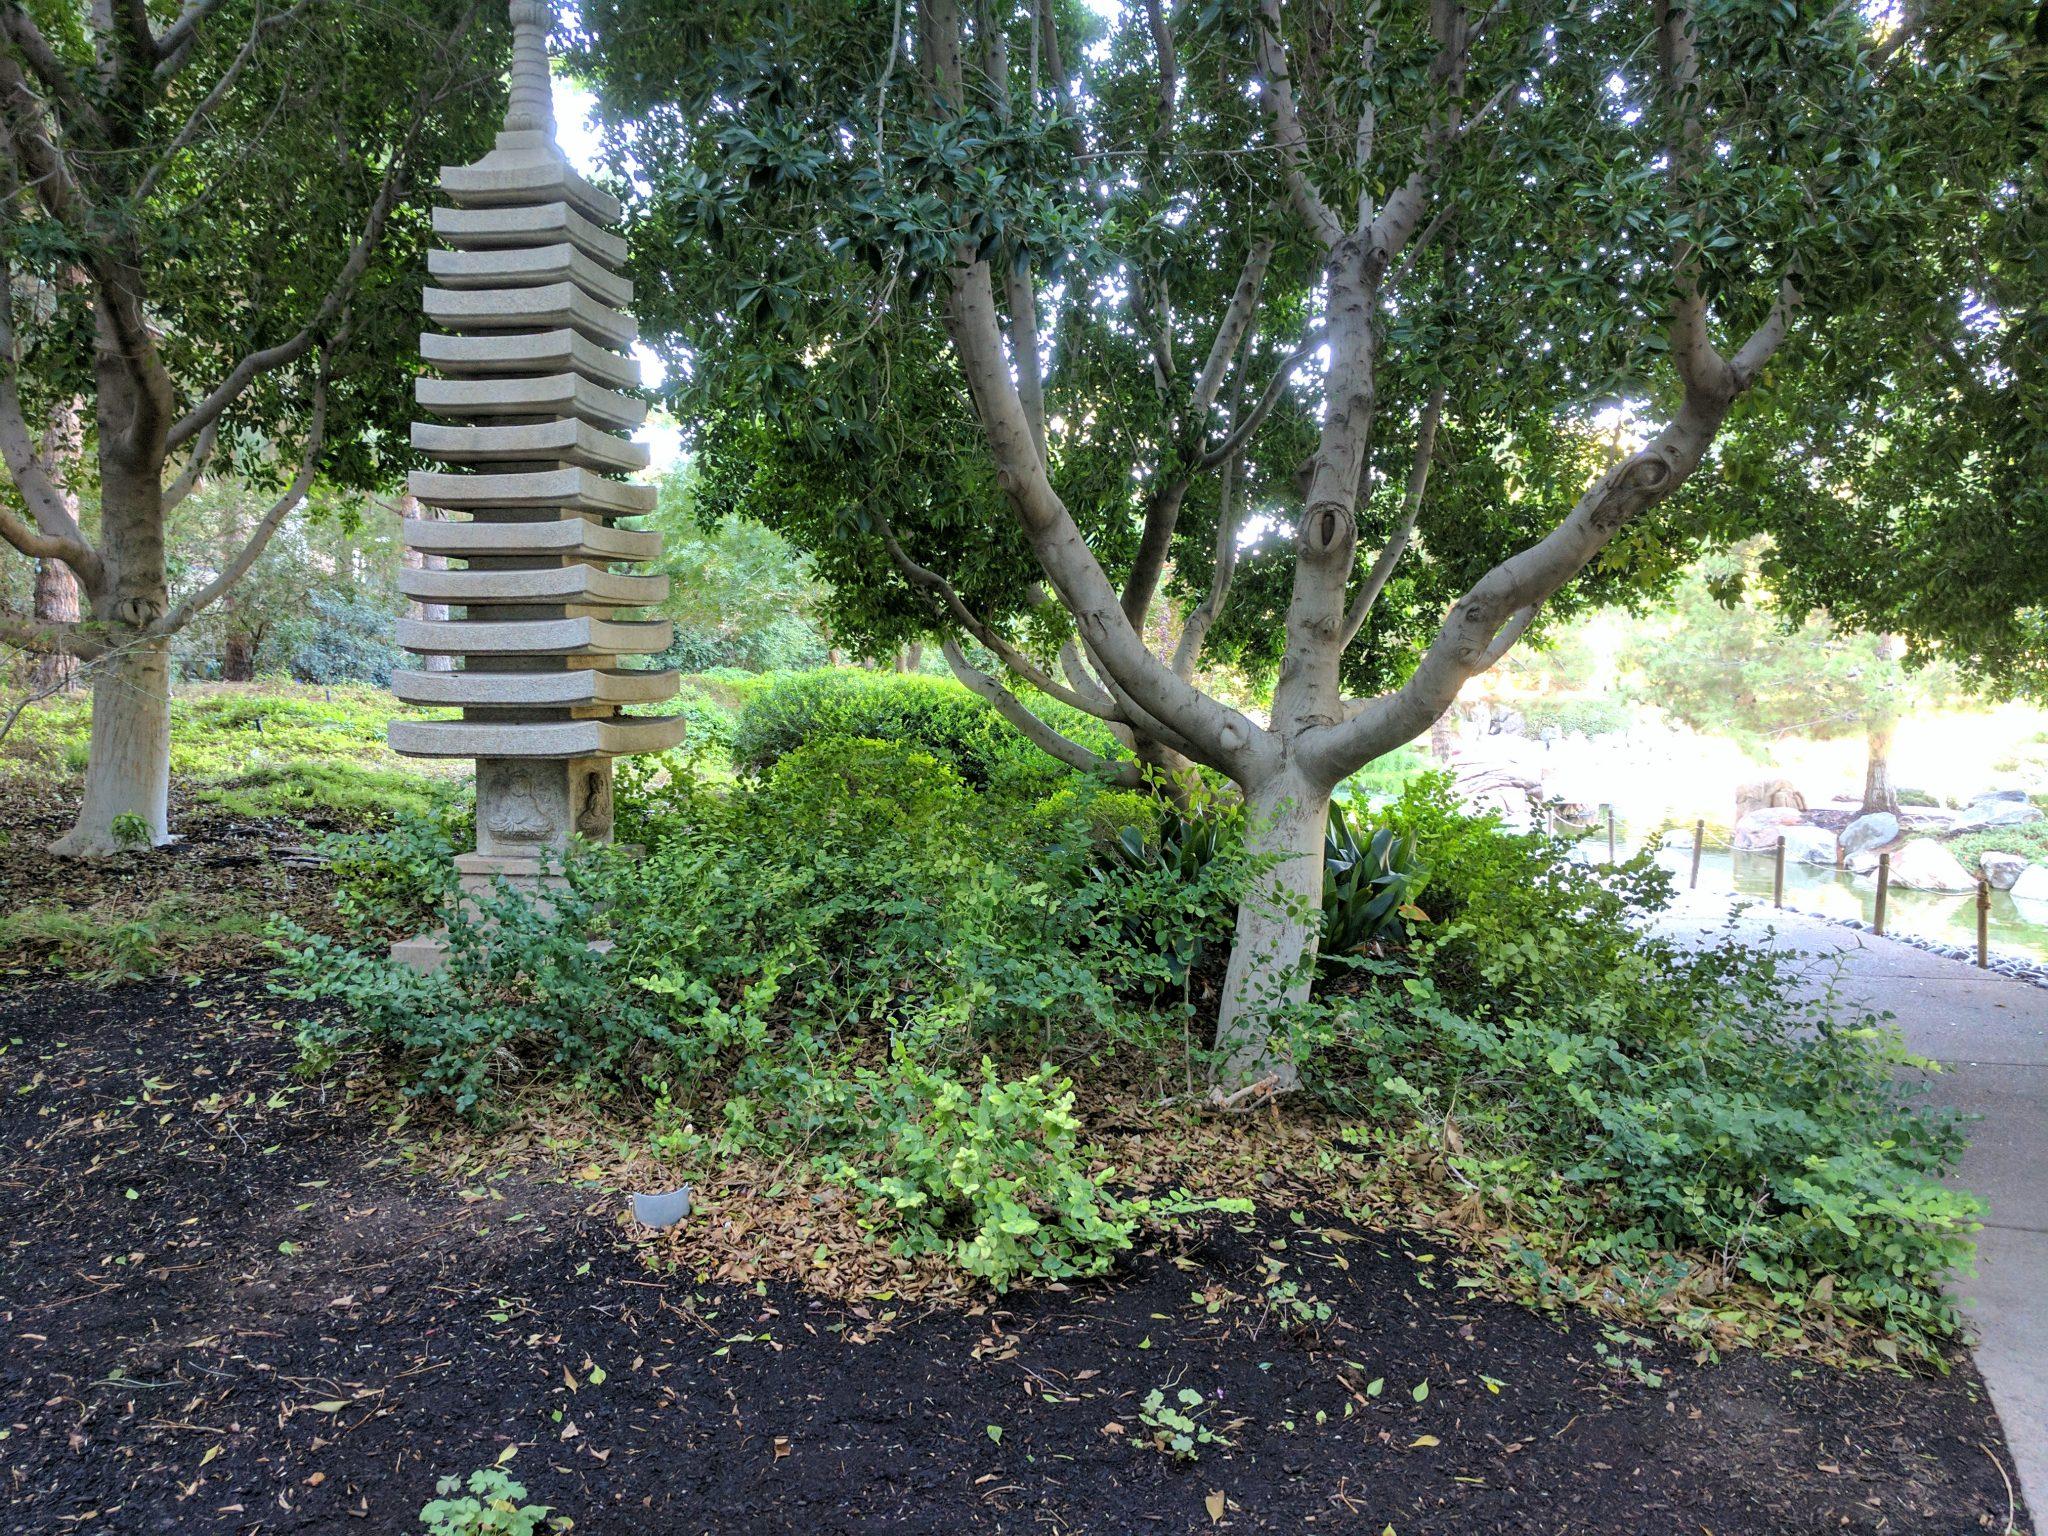 Japanese friendship garden review plansyet for Japanese friendship garden